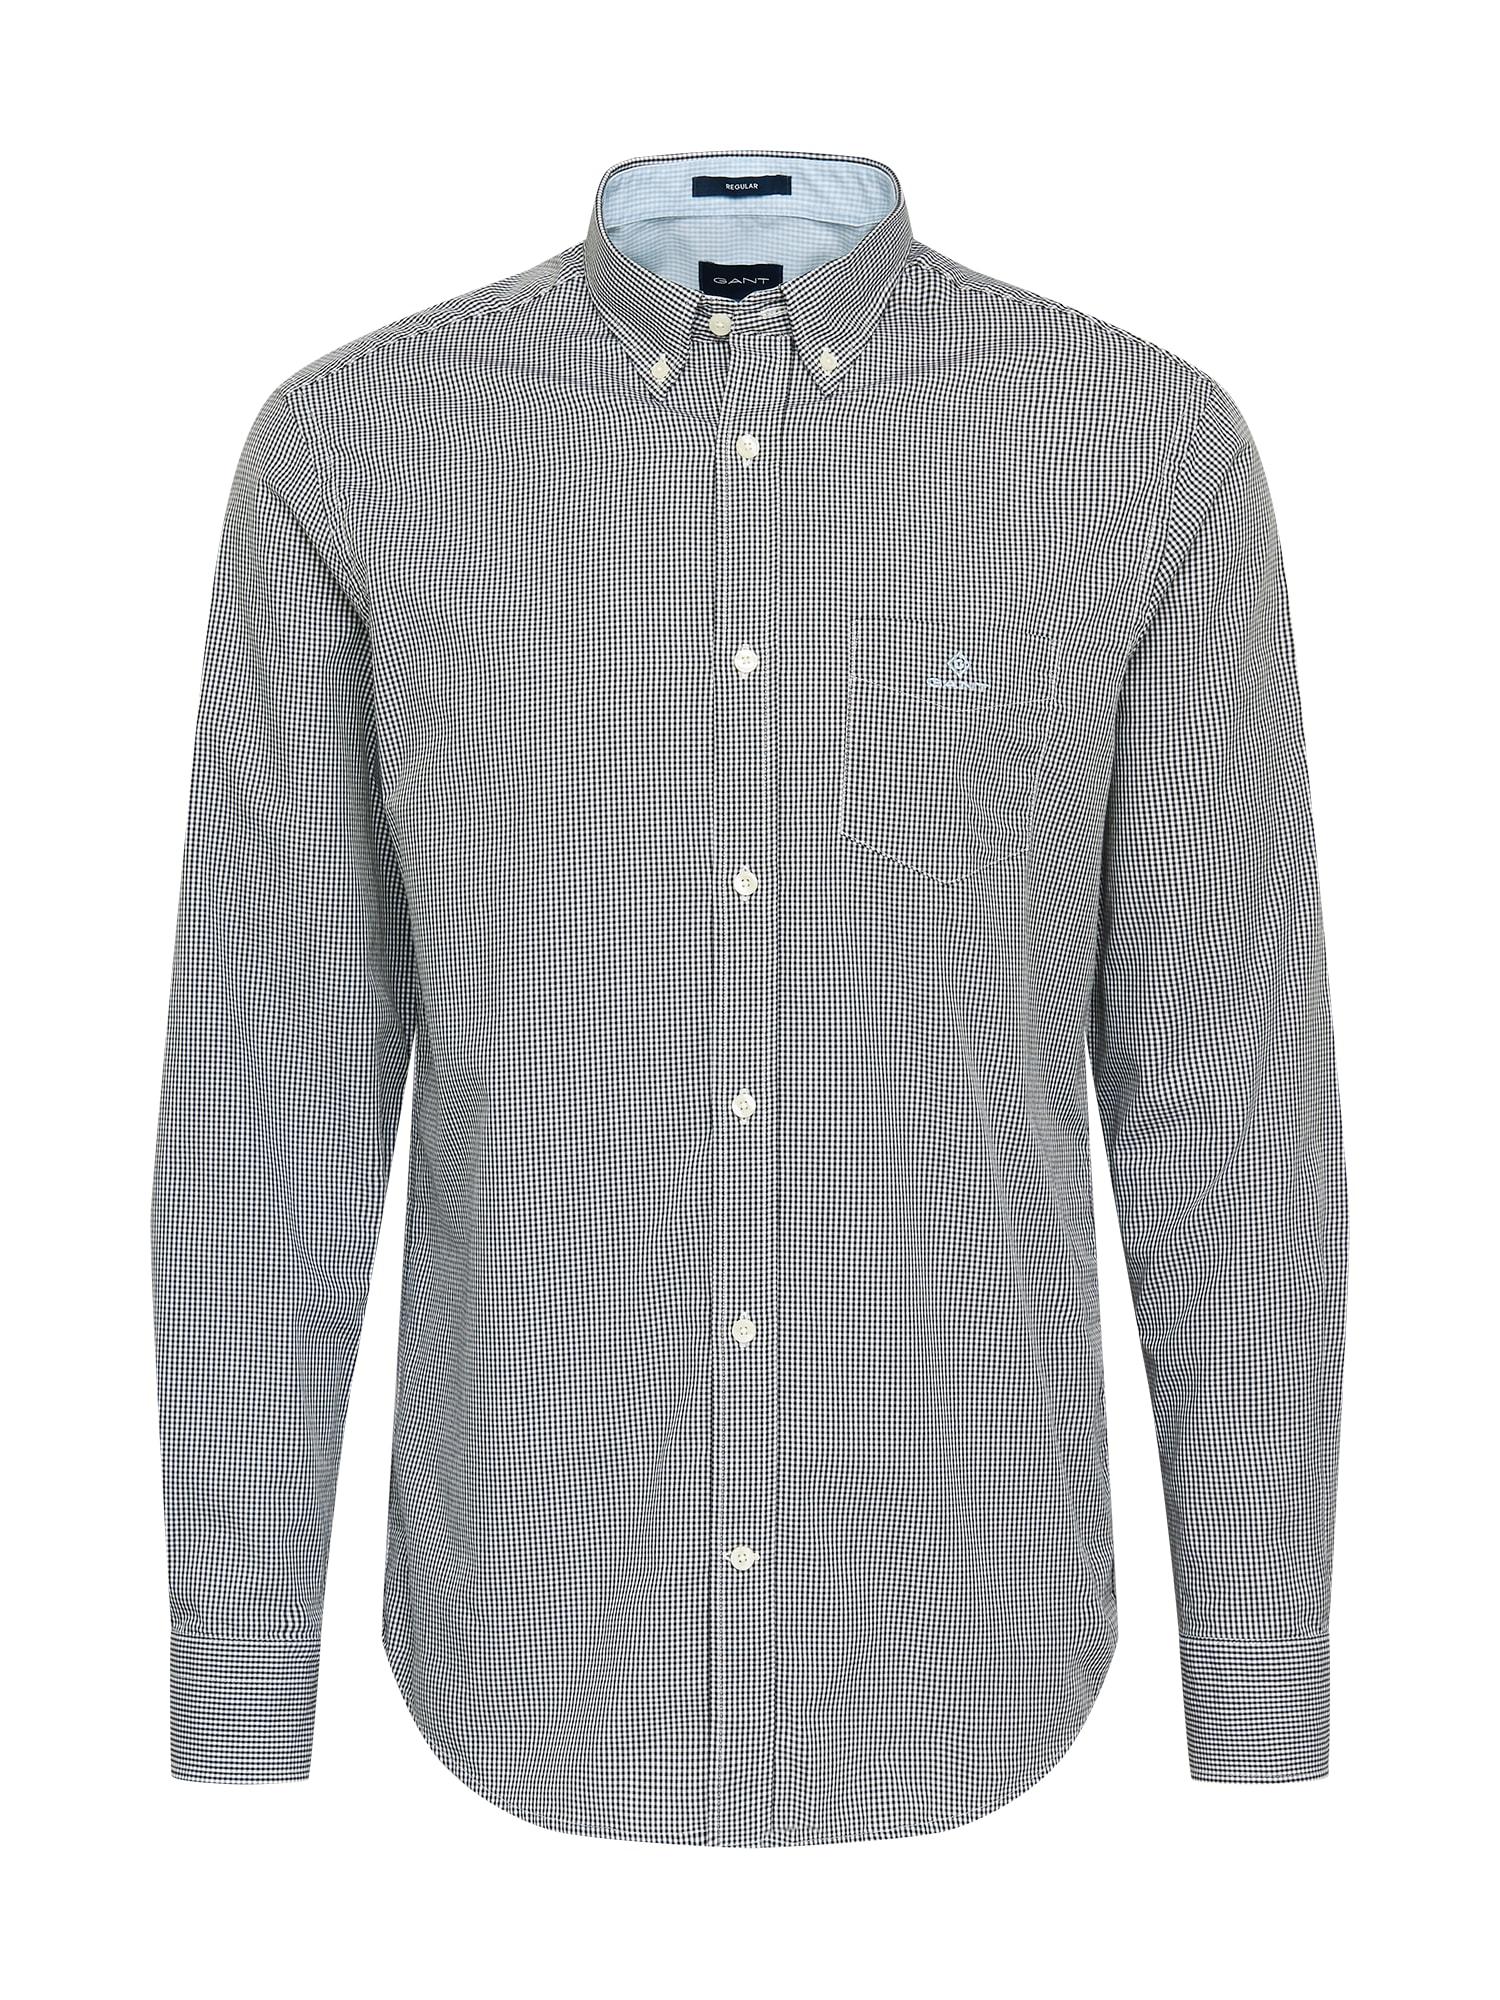 GANT Marškiniai juoda / balta / šviesiai pilka